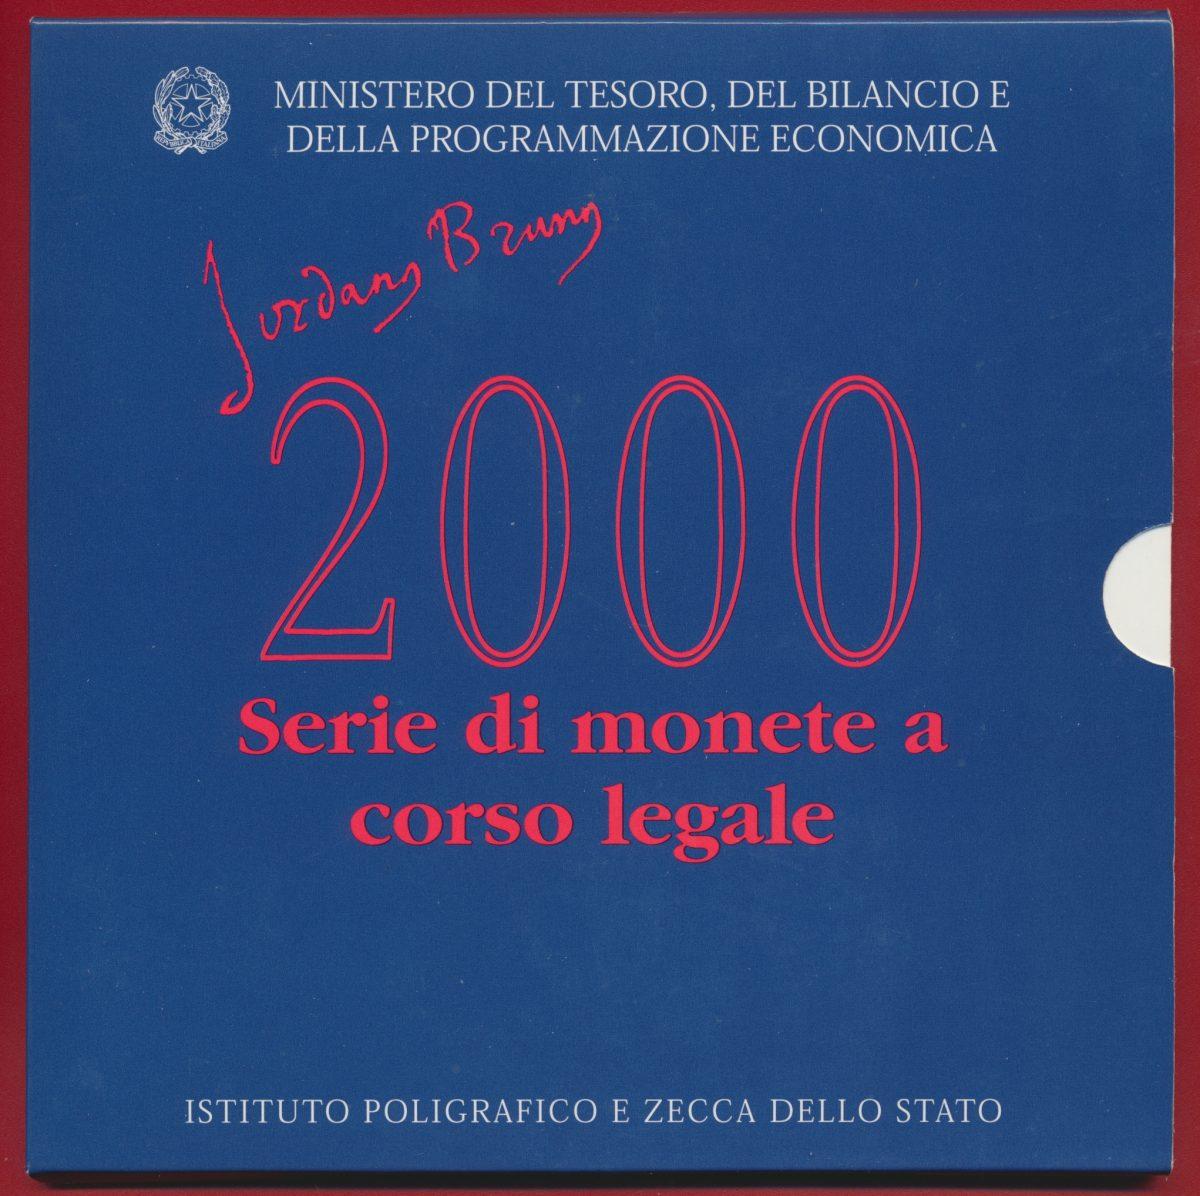 set-italie-coin-italie-italia-2000